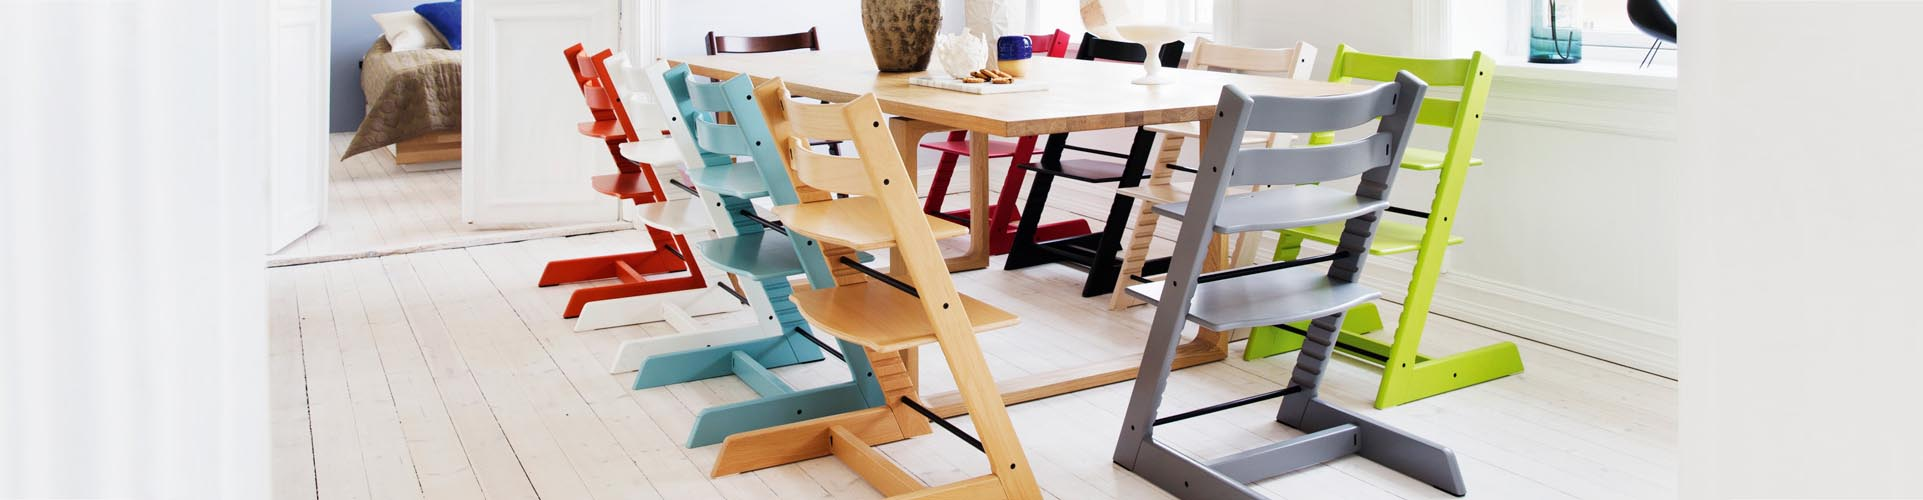 Trona evolutiva tripp trapp de stokke. Una trona para bebés que evoluciona a la vez que tu pequeño crece. Variedad de colores y accesorios.